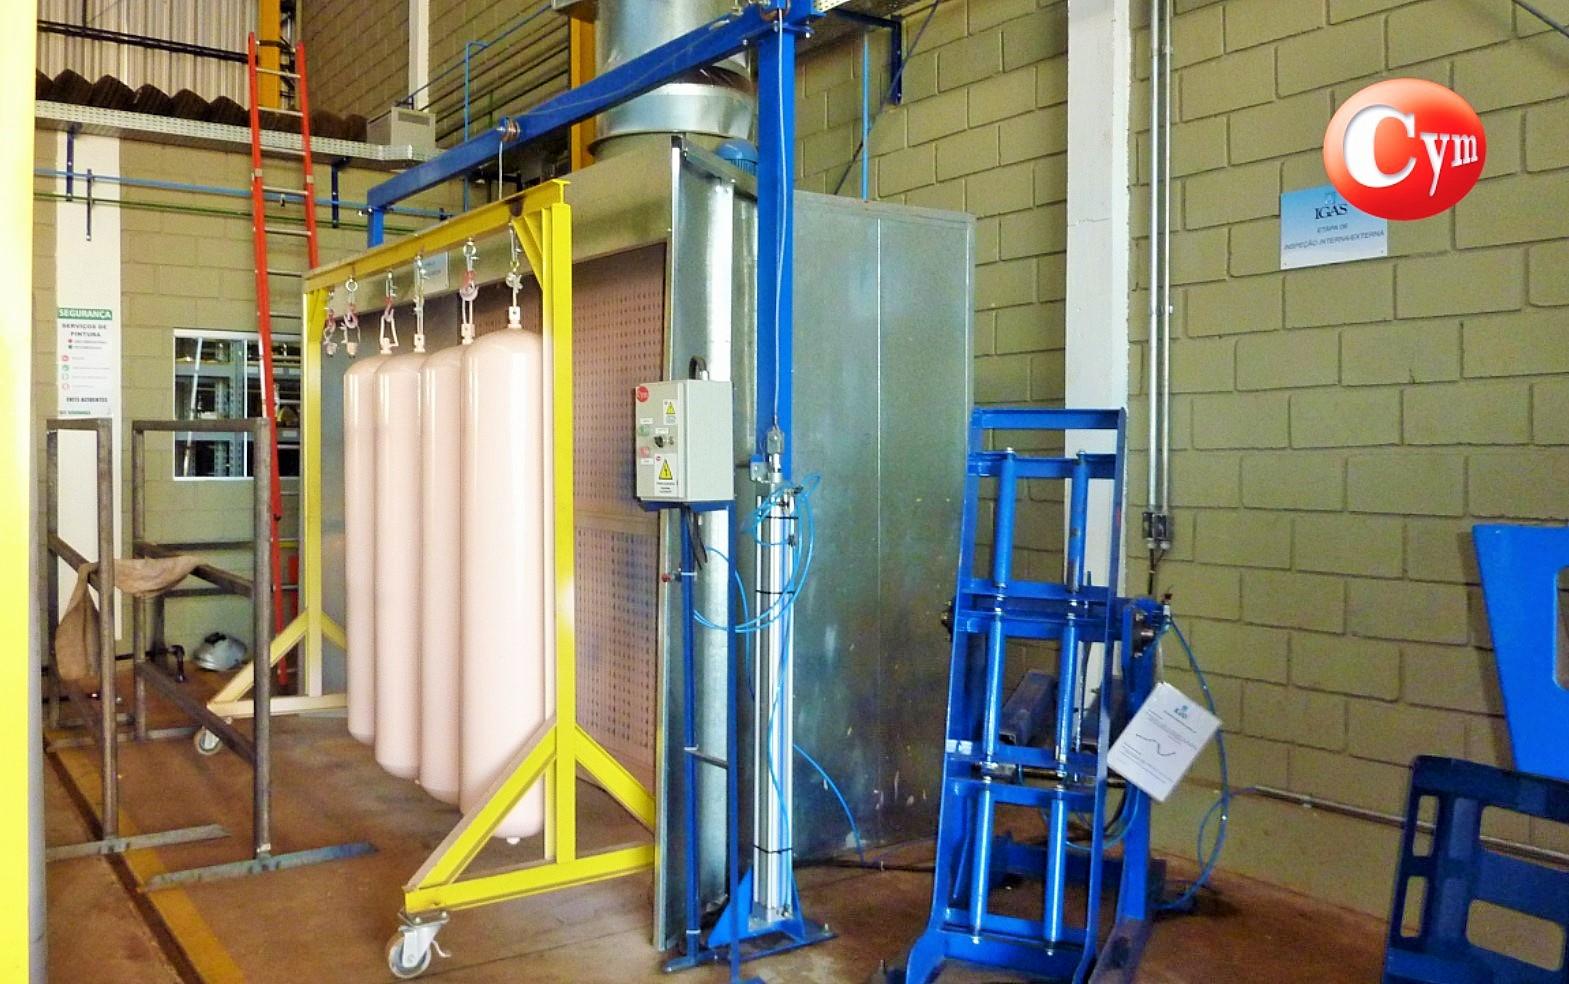 centro-recalificacion-cilindros-gnc-cabina-pintura-cymmateriales